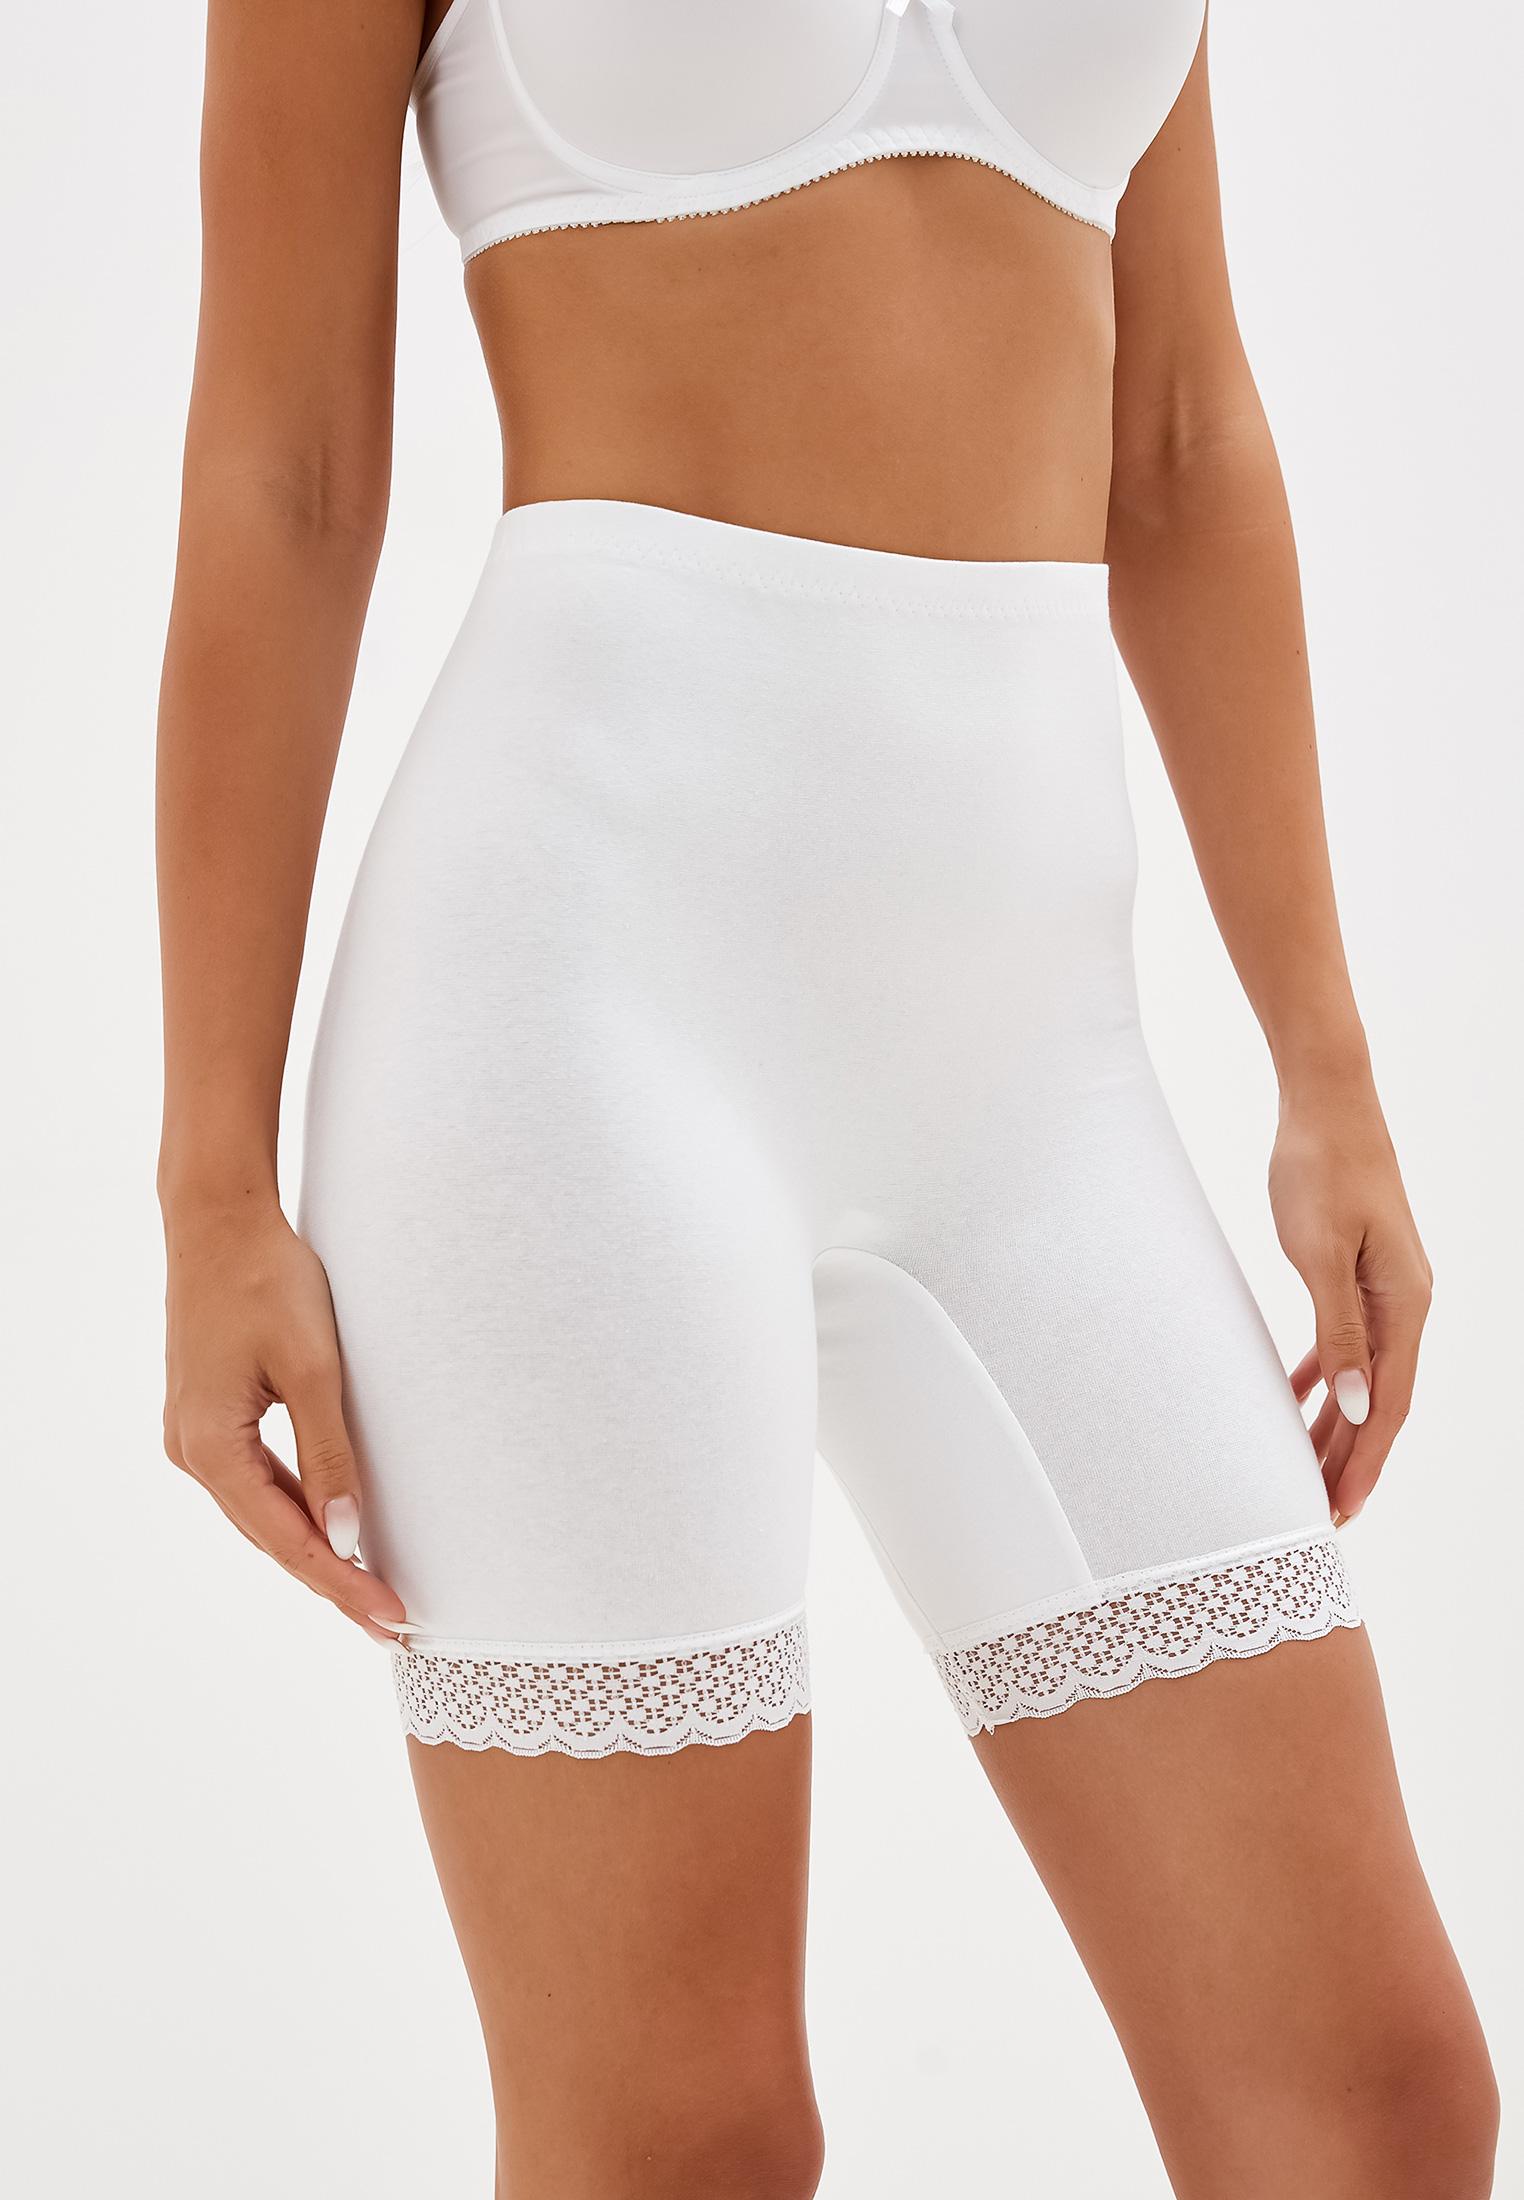 Панталоны женские НОВОЕ ВРЕМЯ T014 белые 56 RU